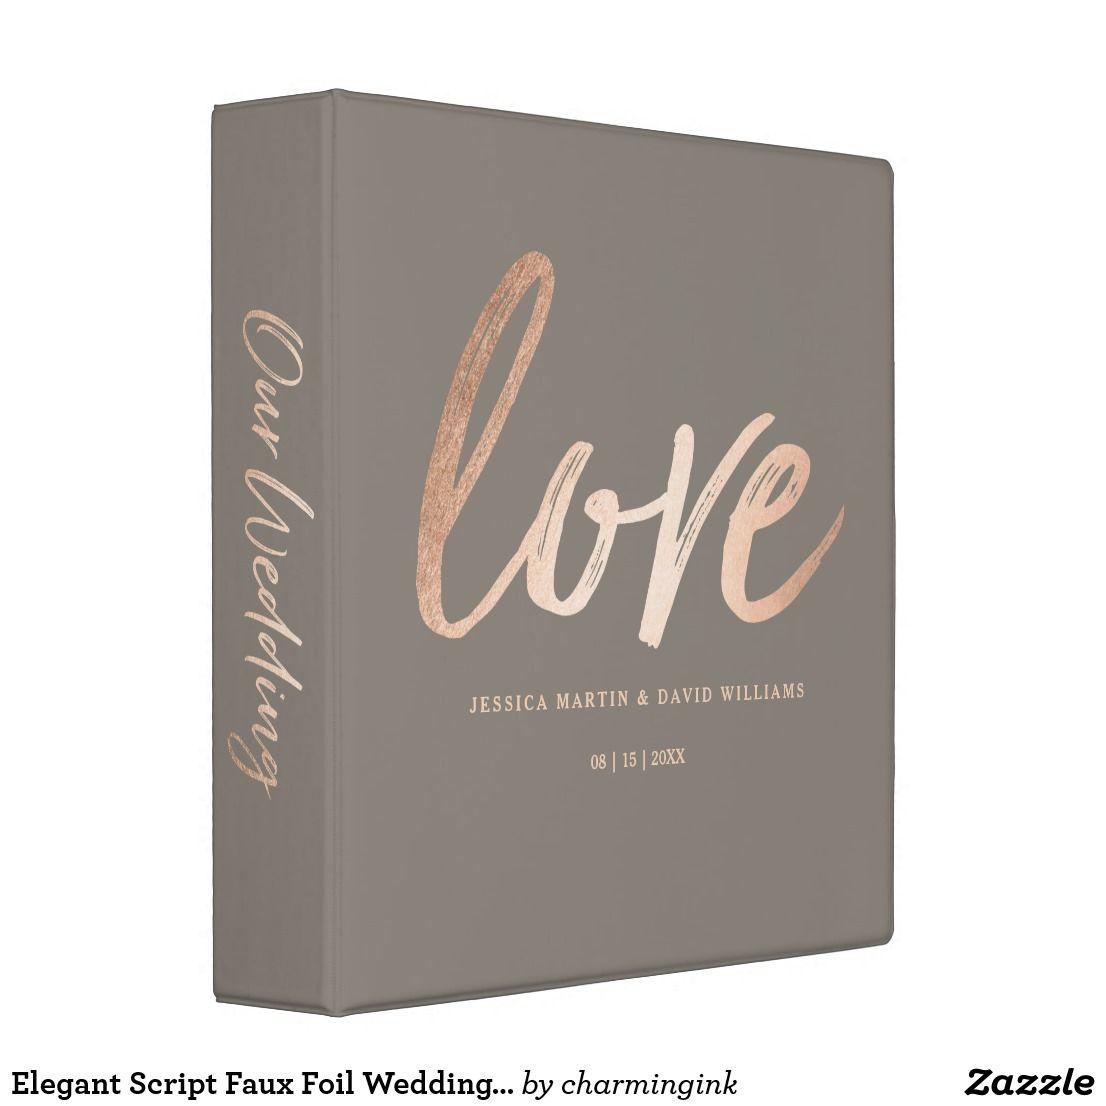 Elegant Script Faux Foil Wedding Organizer 3 Ring Binder